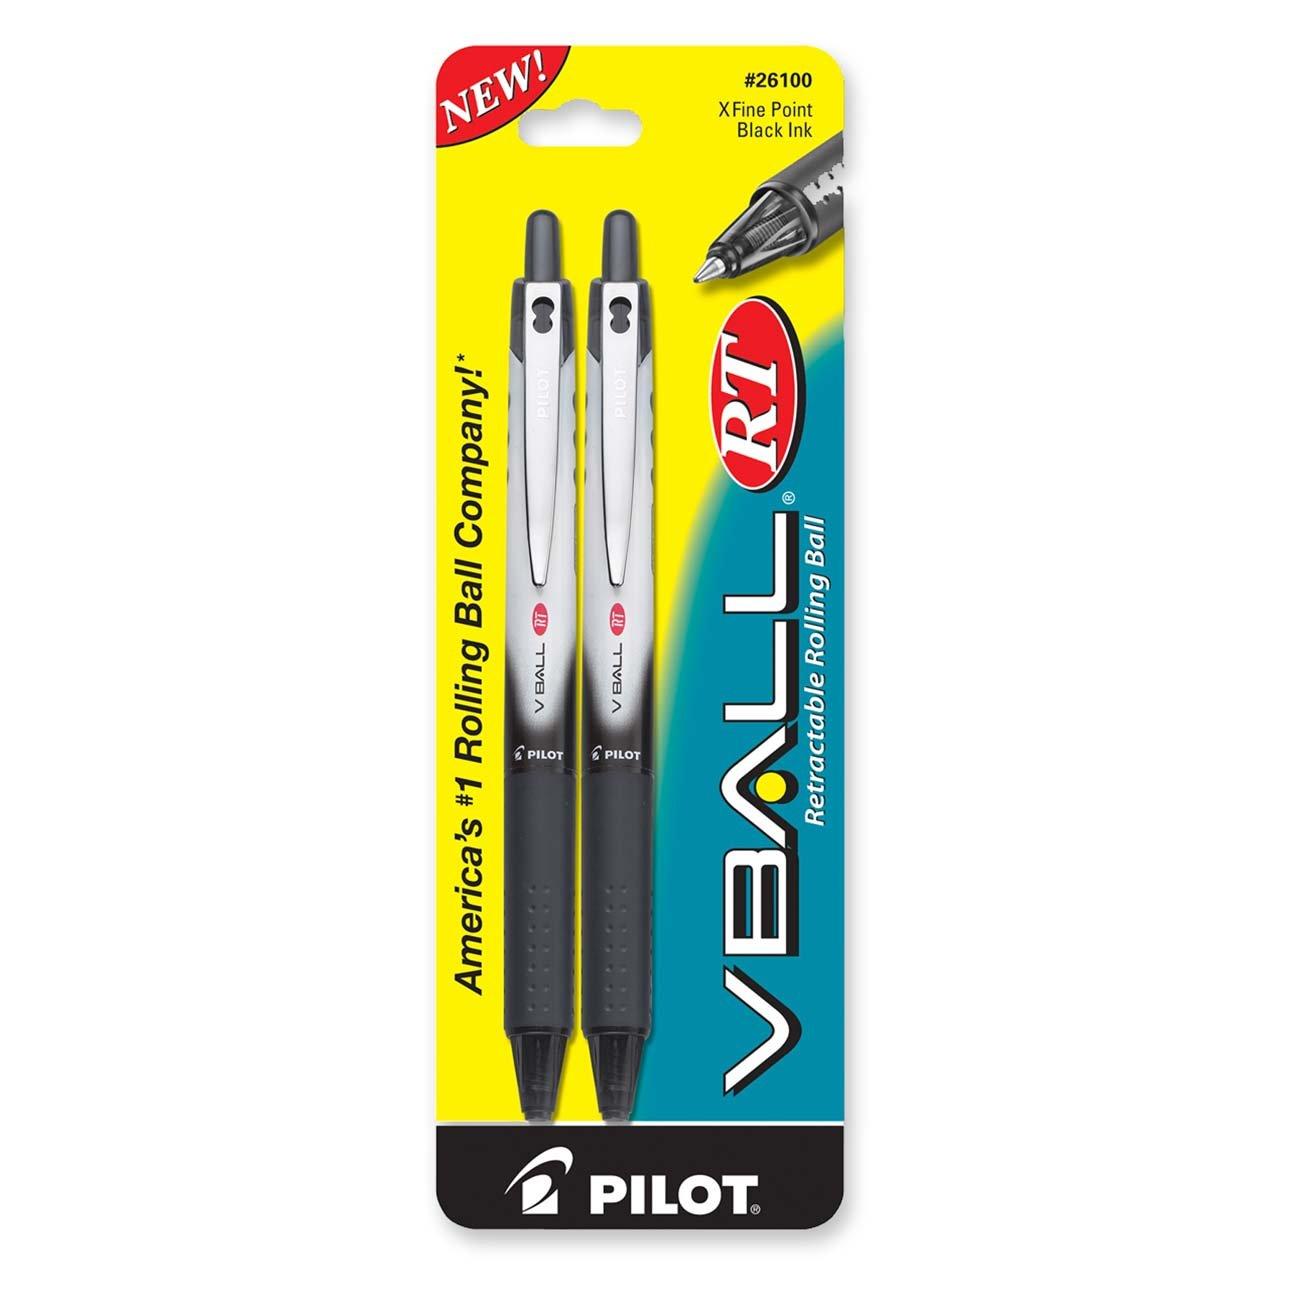 PILOT VBall RT Refillable + Retractable Liquid Ink  [0260UDE0]